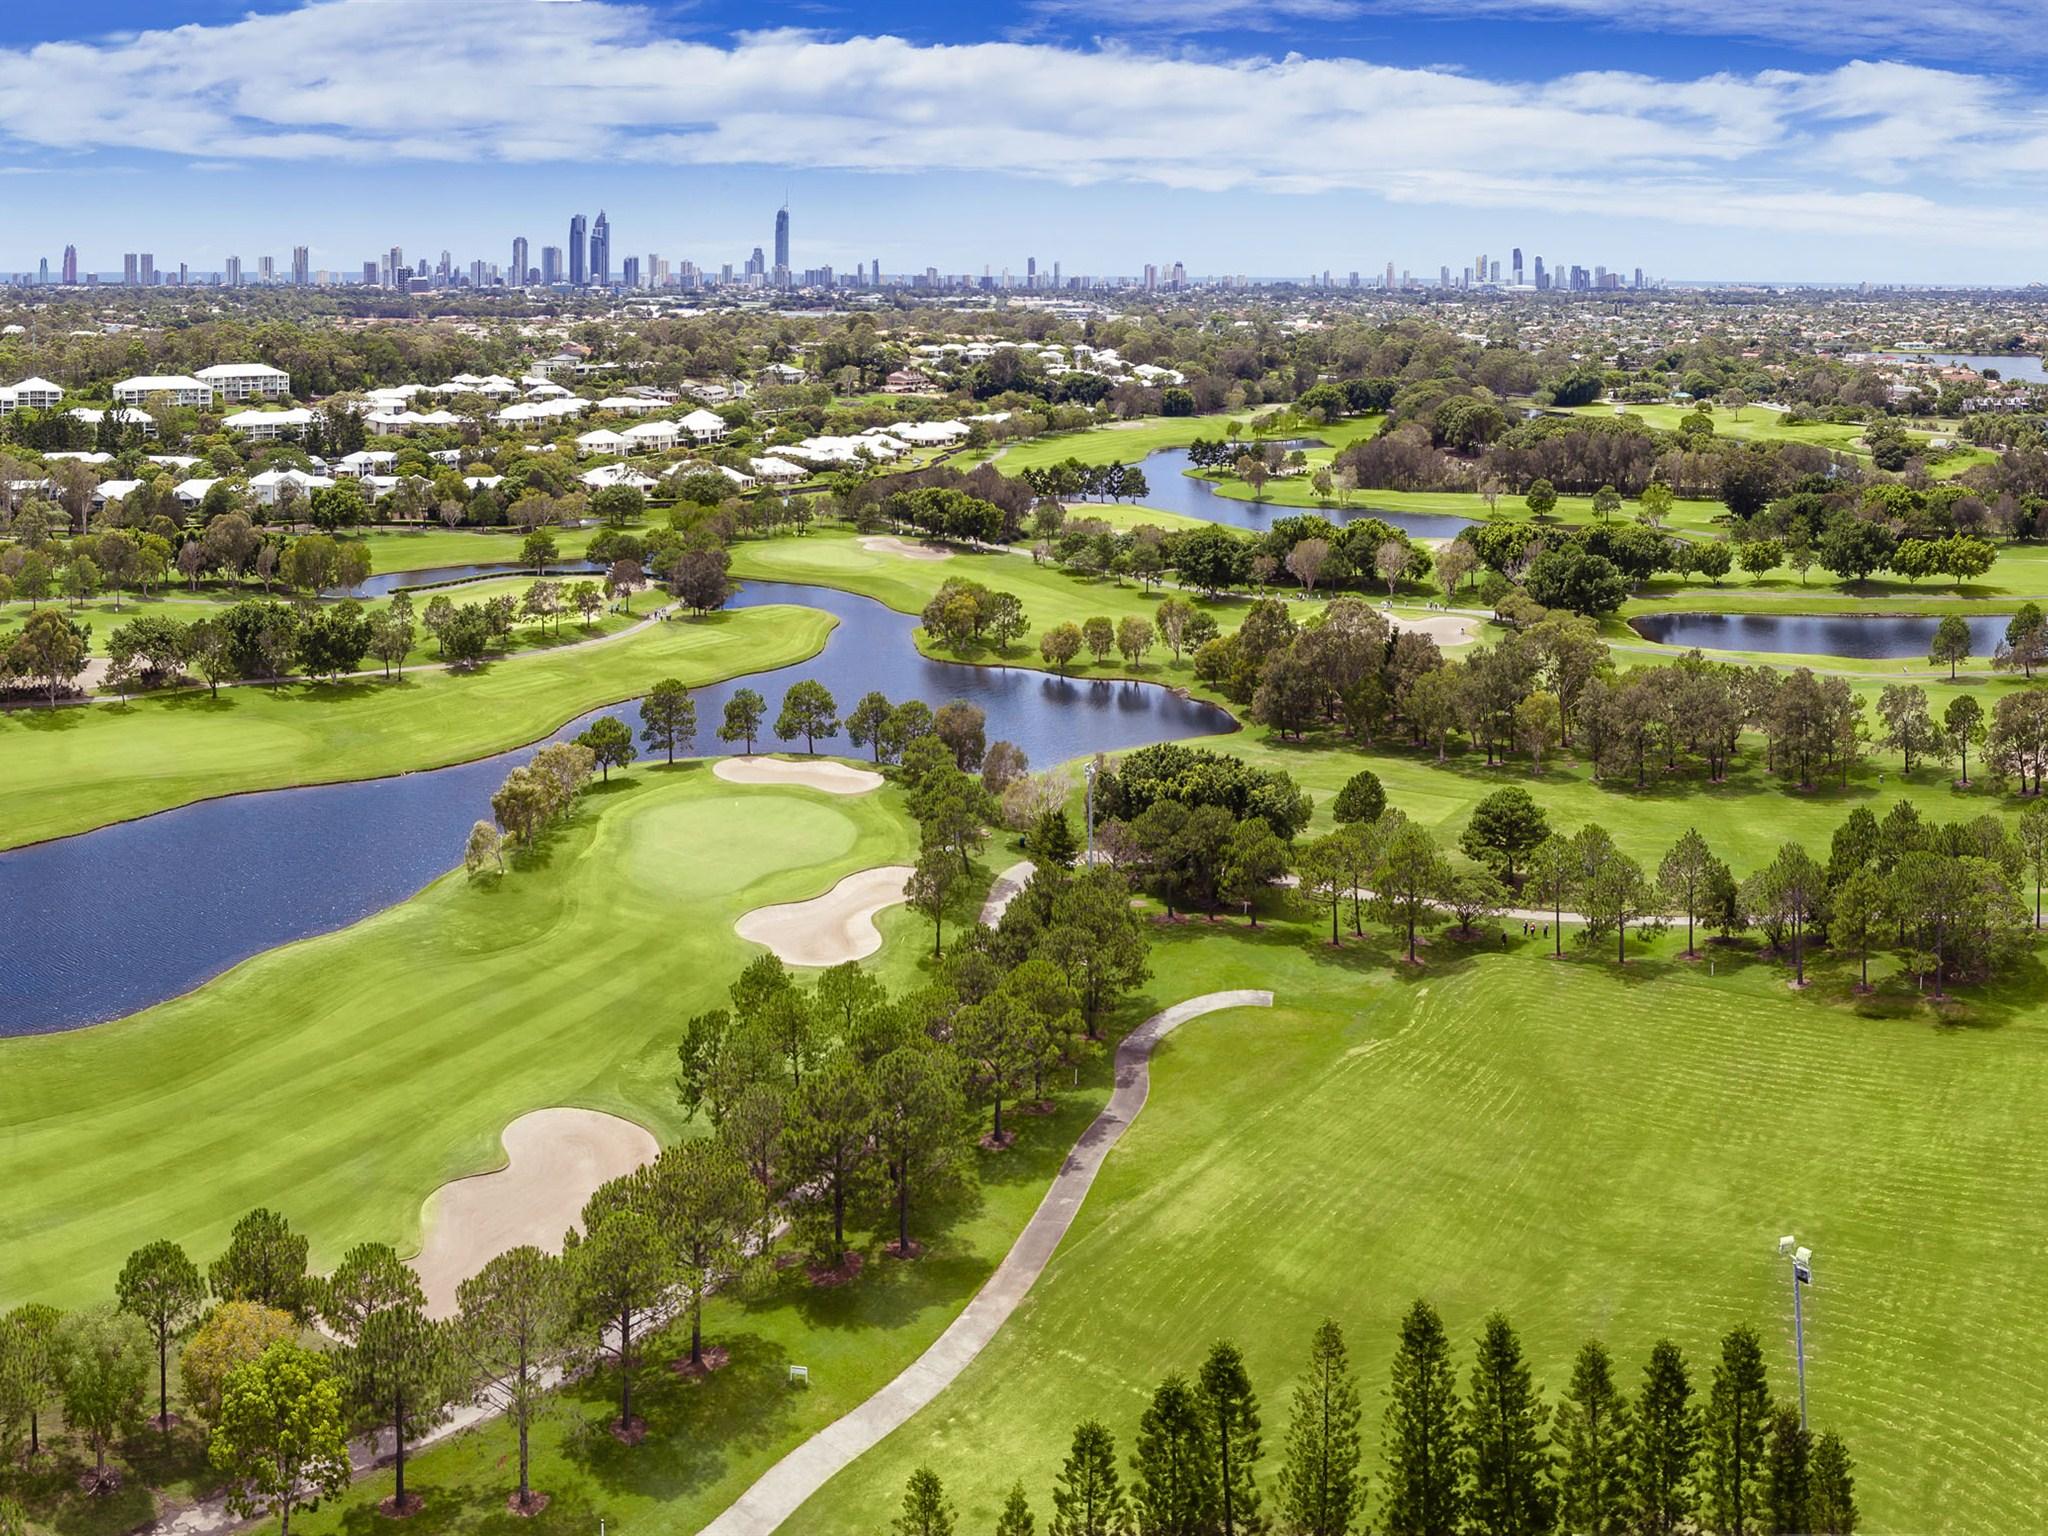 【春休み】オーストラリア インターナショナル       ゴルフキャンプ充実の11日間